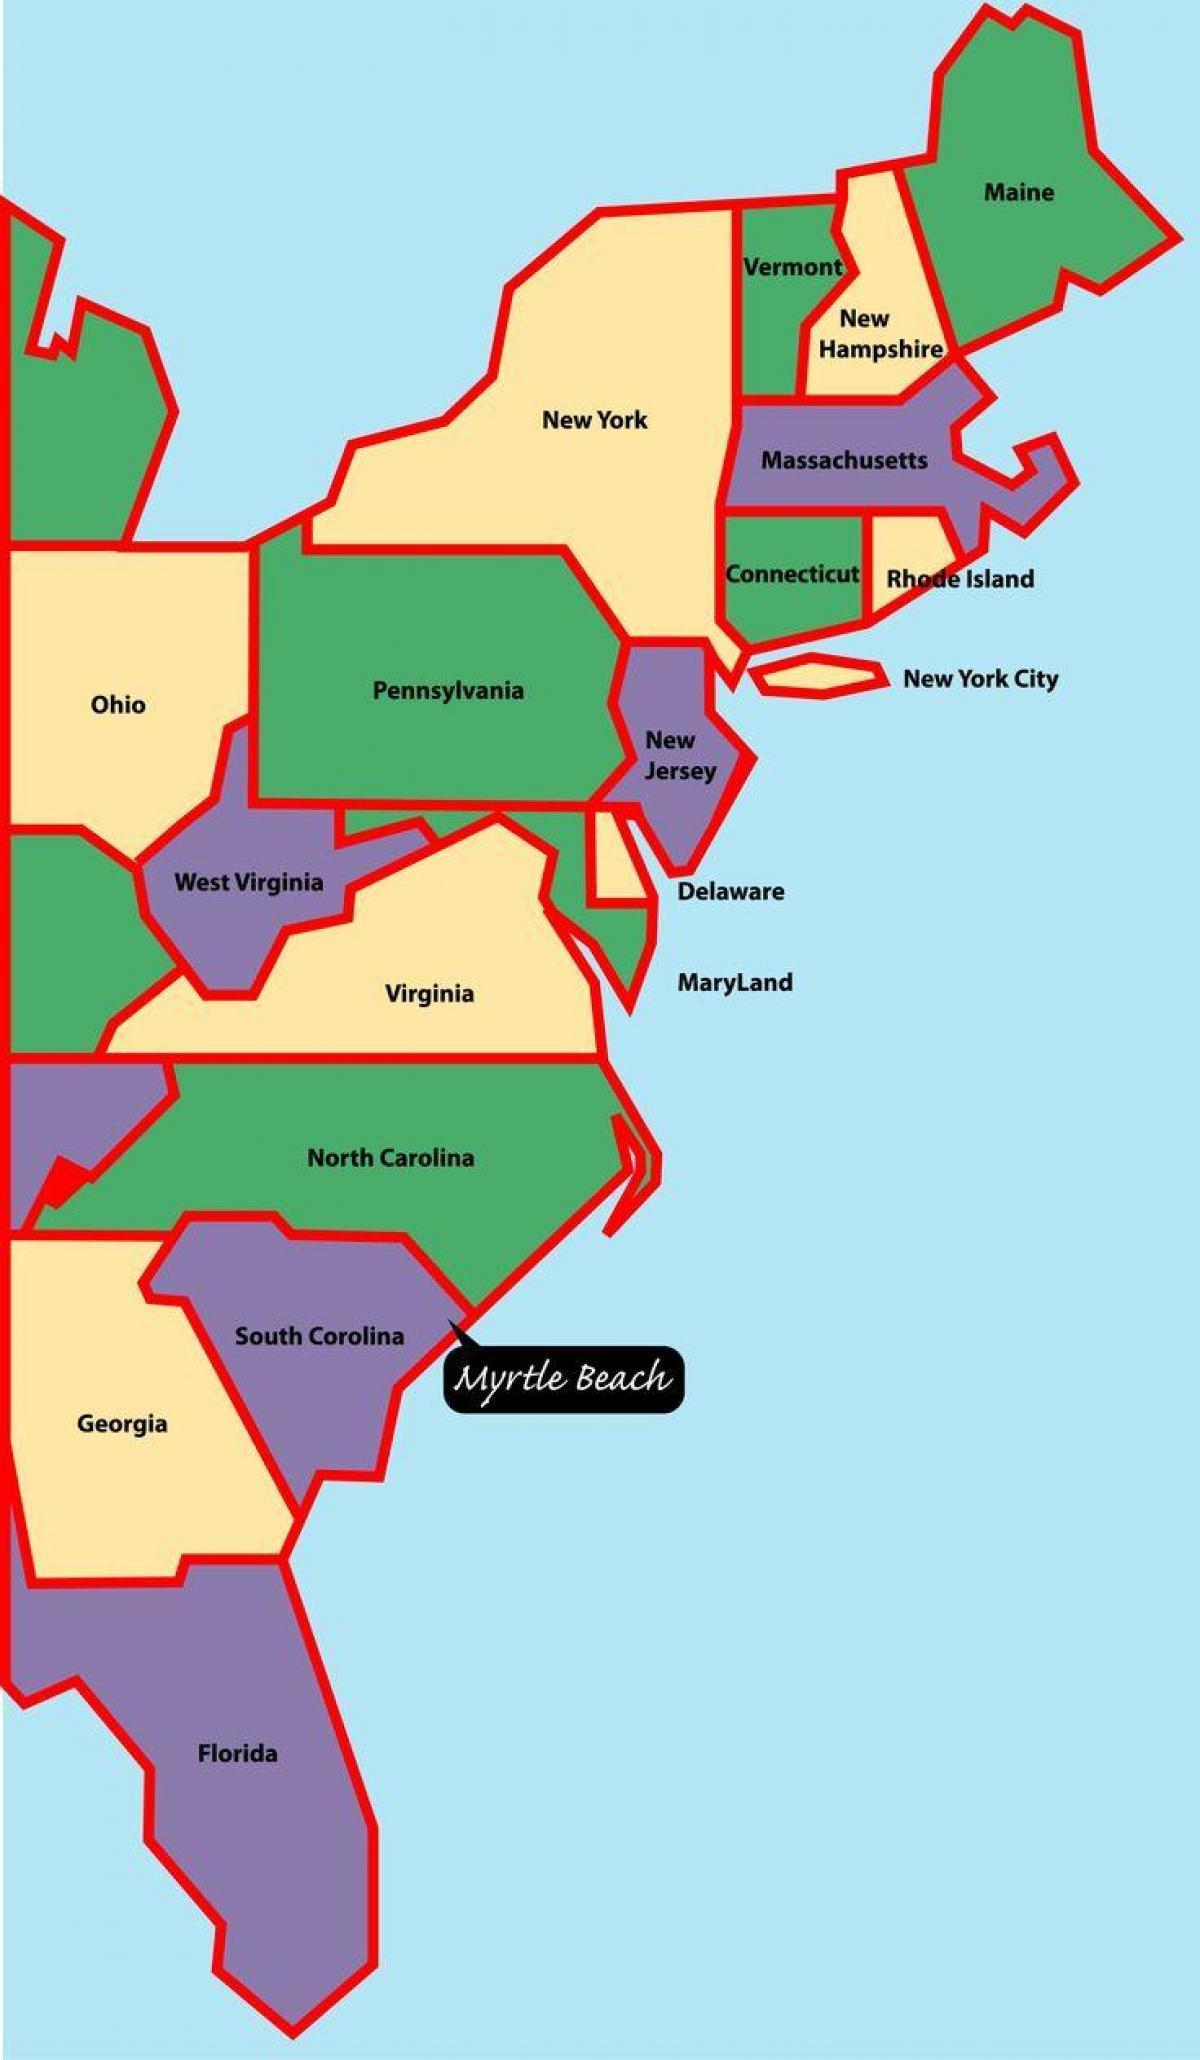 Kort Over Det Ostlige Usa S Kyst Kort Over Amerikanske Ost